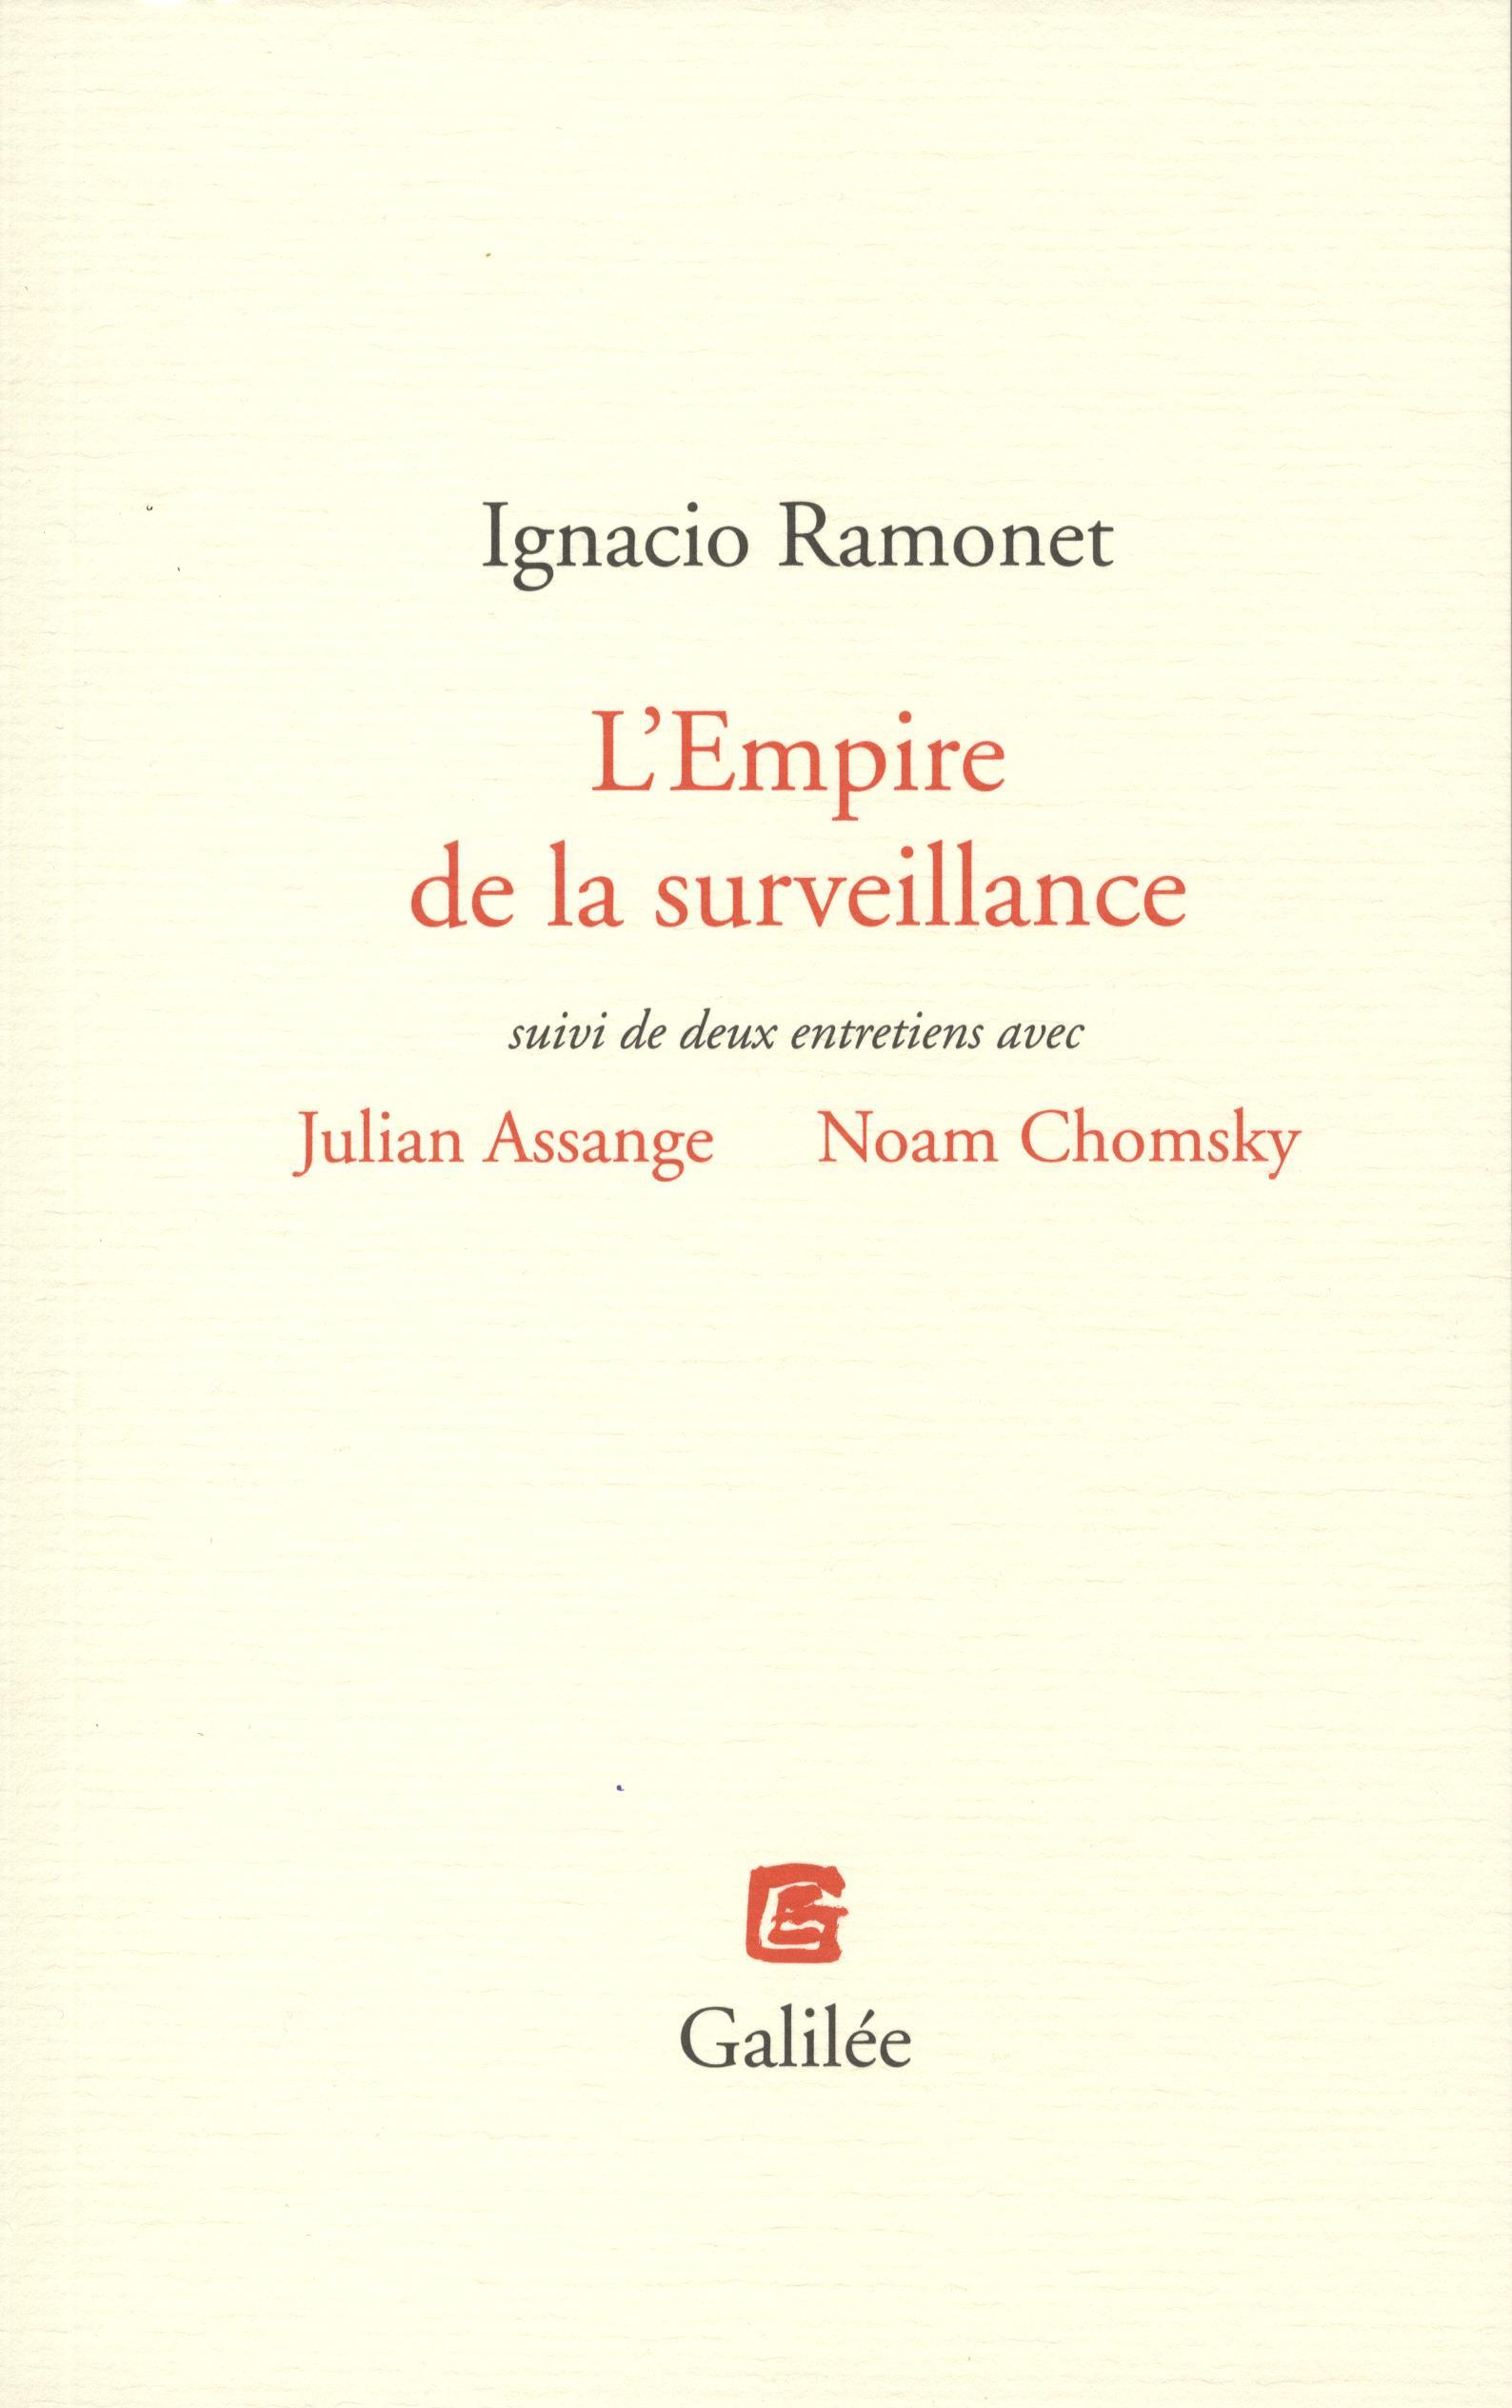 L'empire de la surveillance suivi de deux entretiens avec Julien Assange, Noam Chomsky De Ignacio Ramonet Galilee Débats